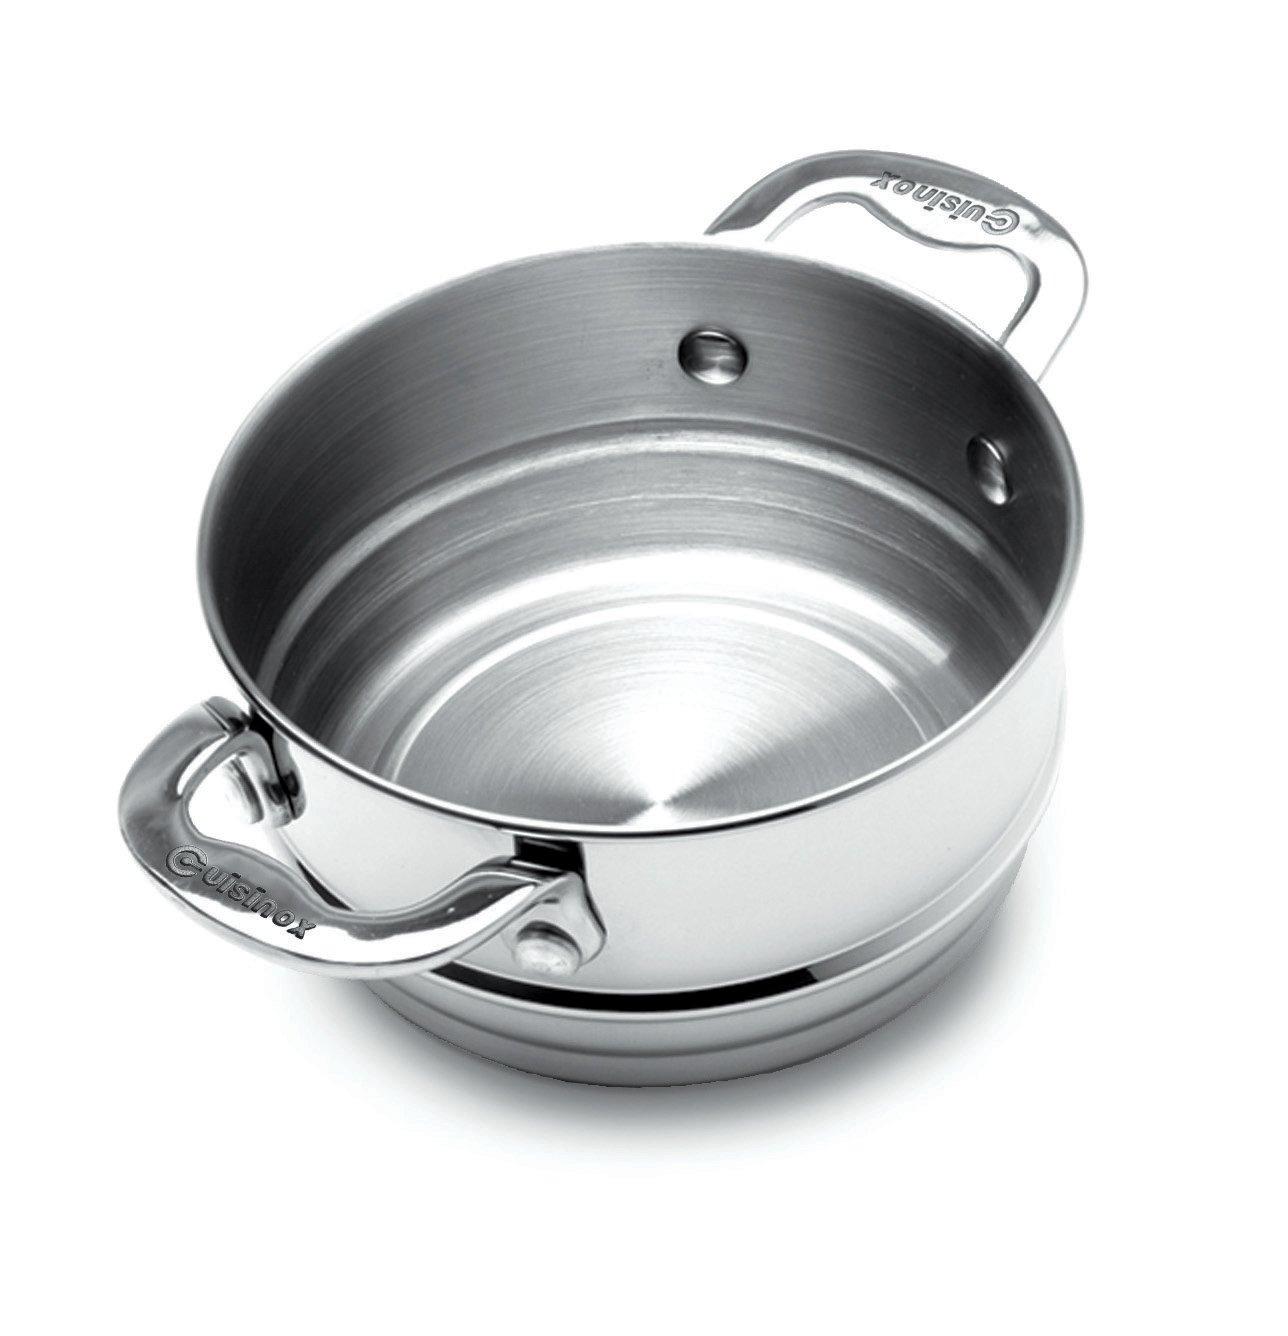 Cuisinox POT-320DB Elite Double Boiler Insert, 20Cm, Stainless Steel